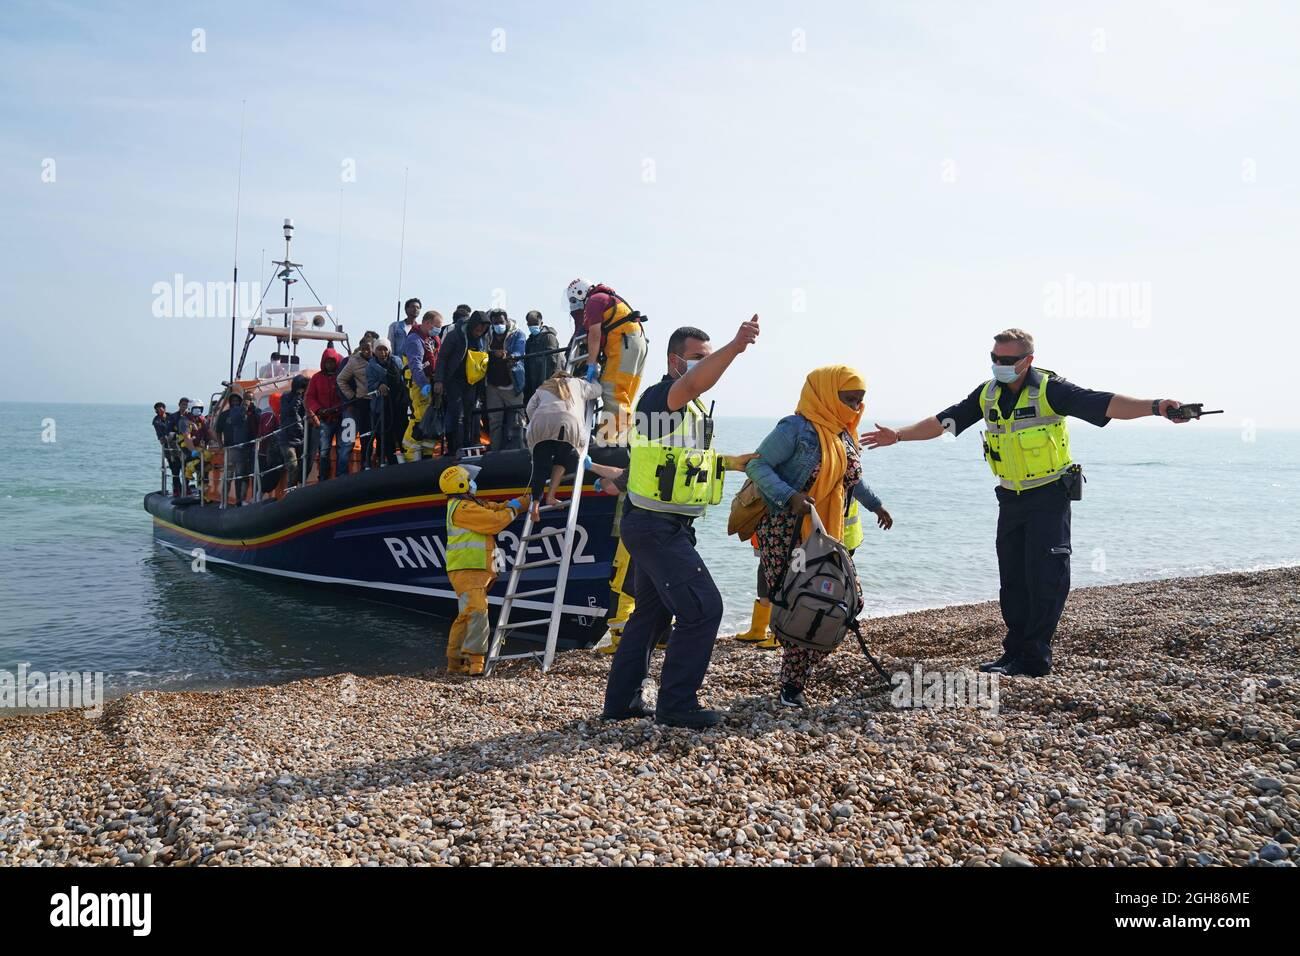 Un gruppo di persone che si pensa siano migranti viene portato a terra dalla barca di salvataggio locale a Dungeness nel Kent, dopo essere stato prelevato a seguito di un piccolo incidente in barca nella Manica. Data foto: Lunedì 6 settembre 2021. Foto Stock